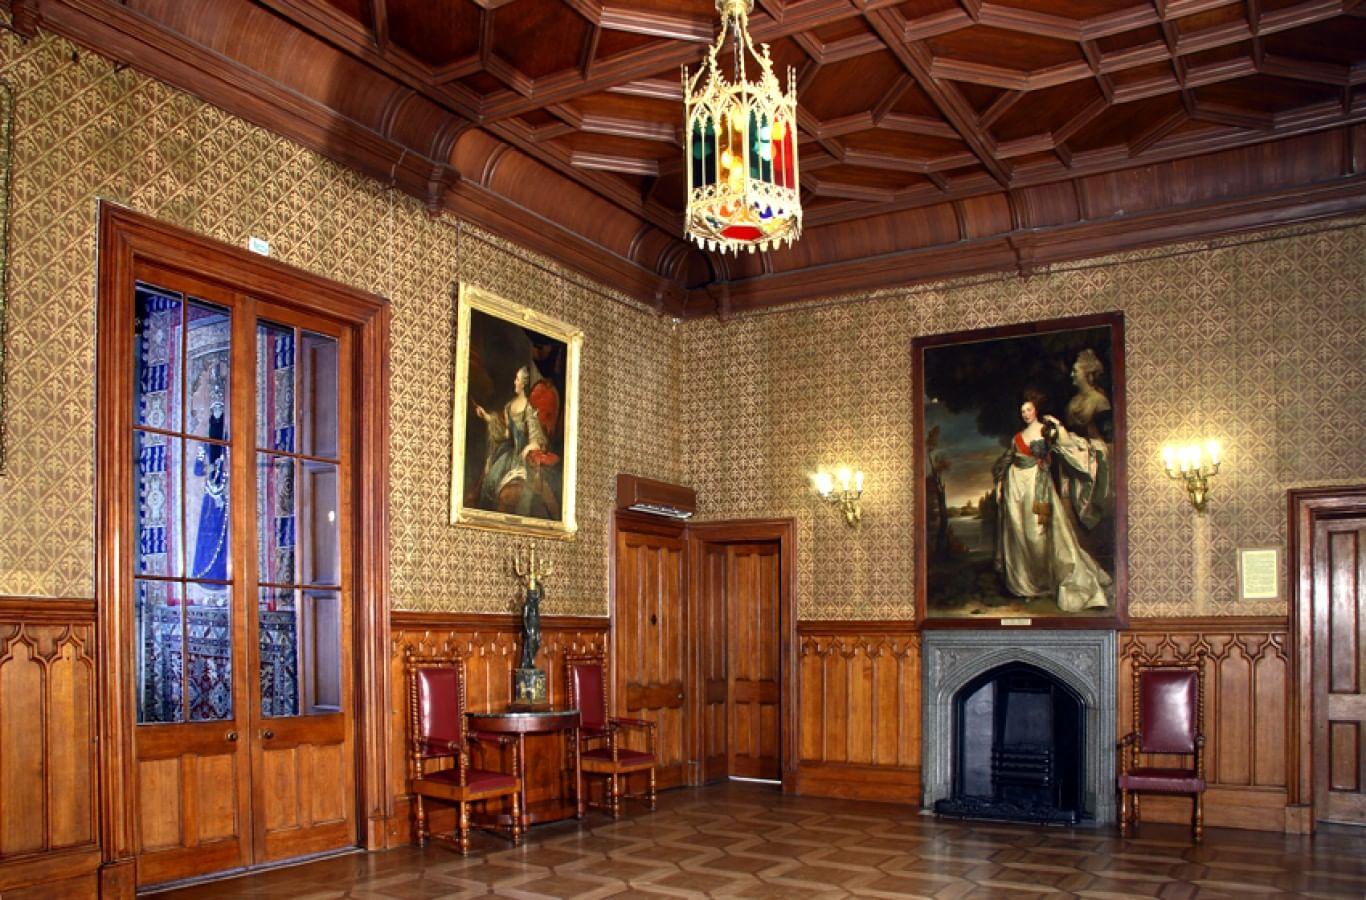 воронцовский дворец фото внутри замка то